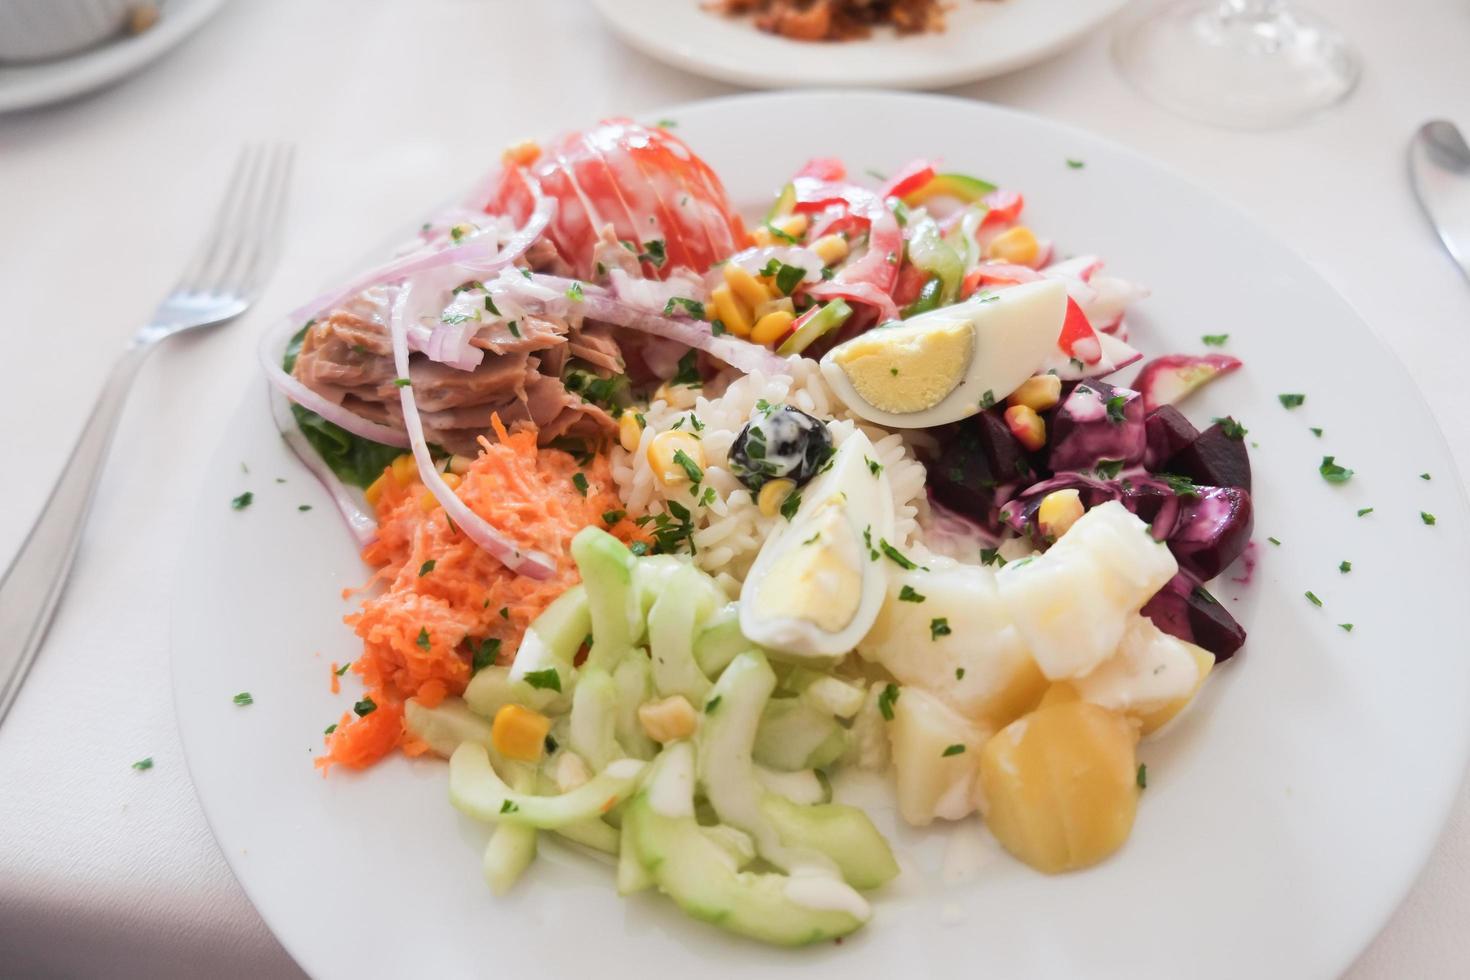 un plato de ensalada foto